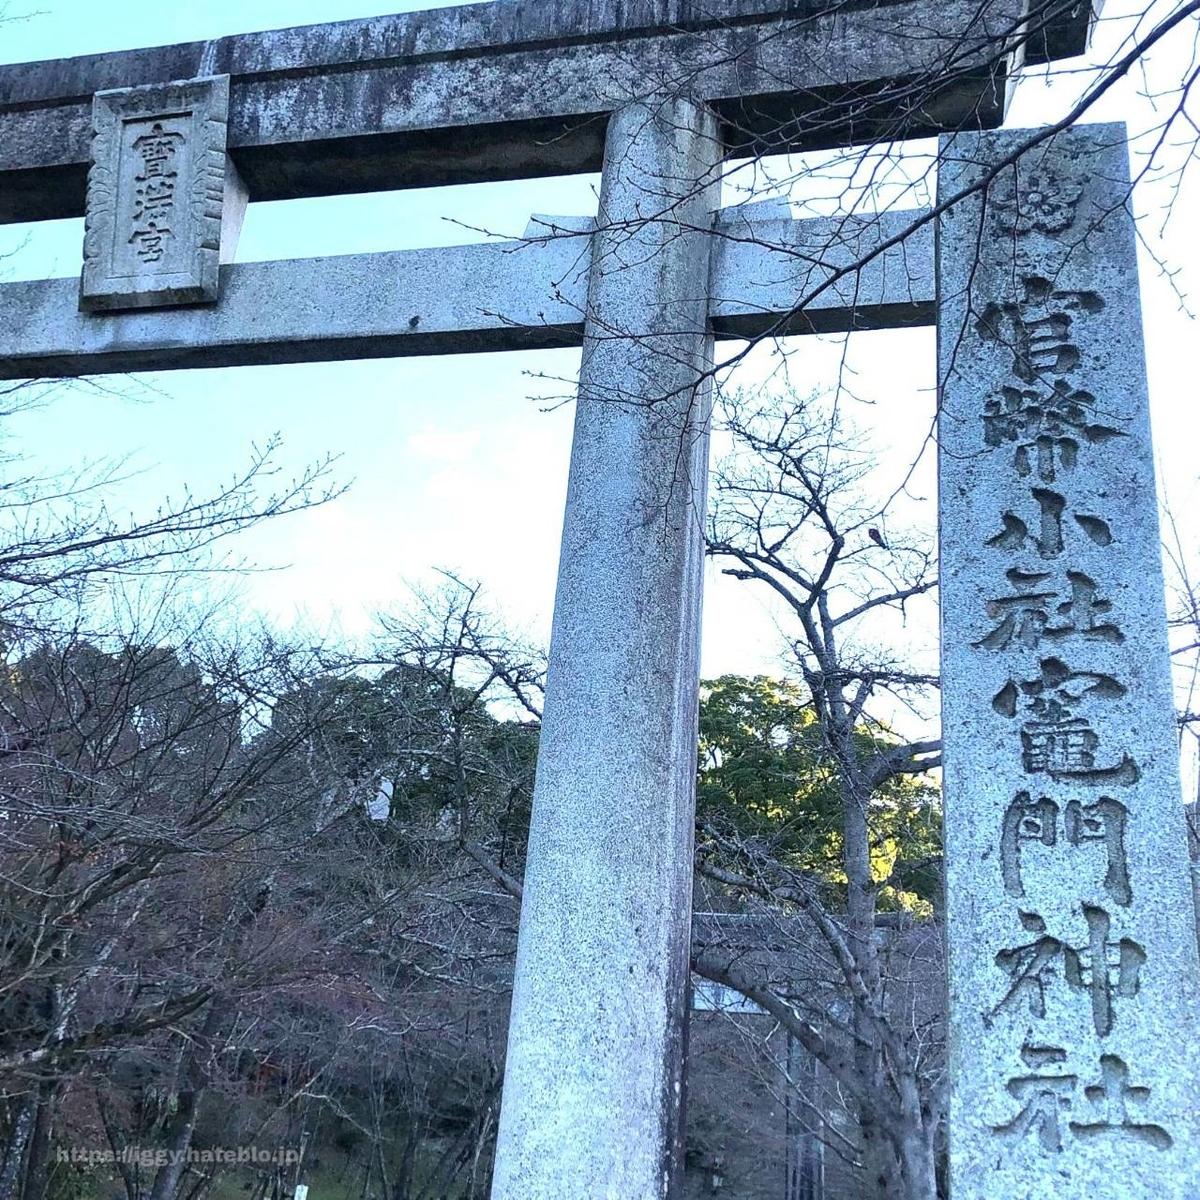 鬼滅の刃 竈門神社